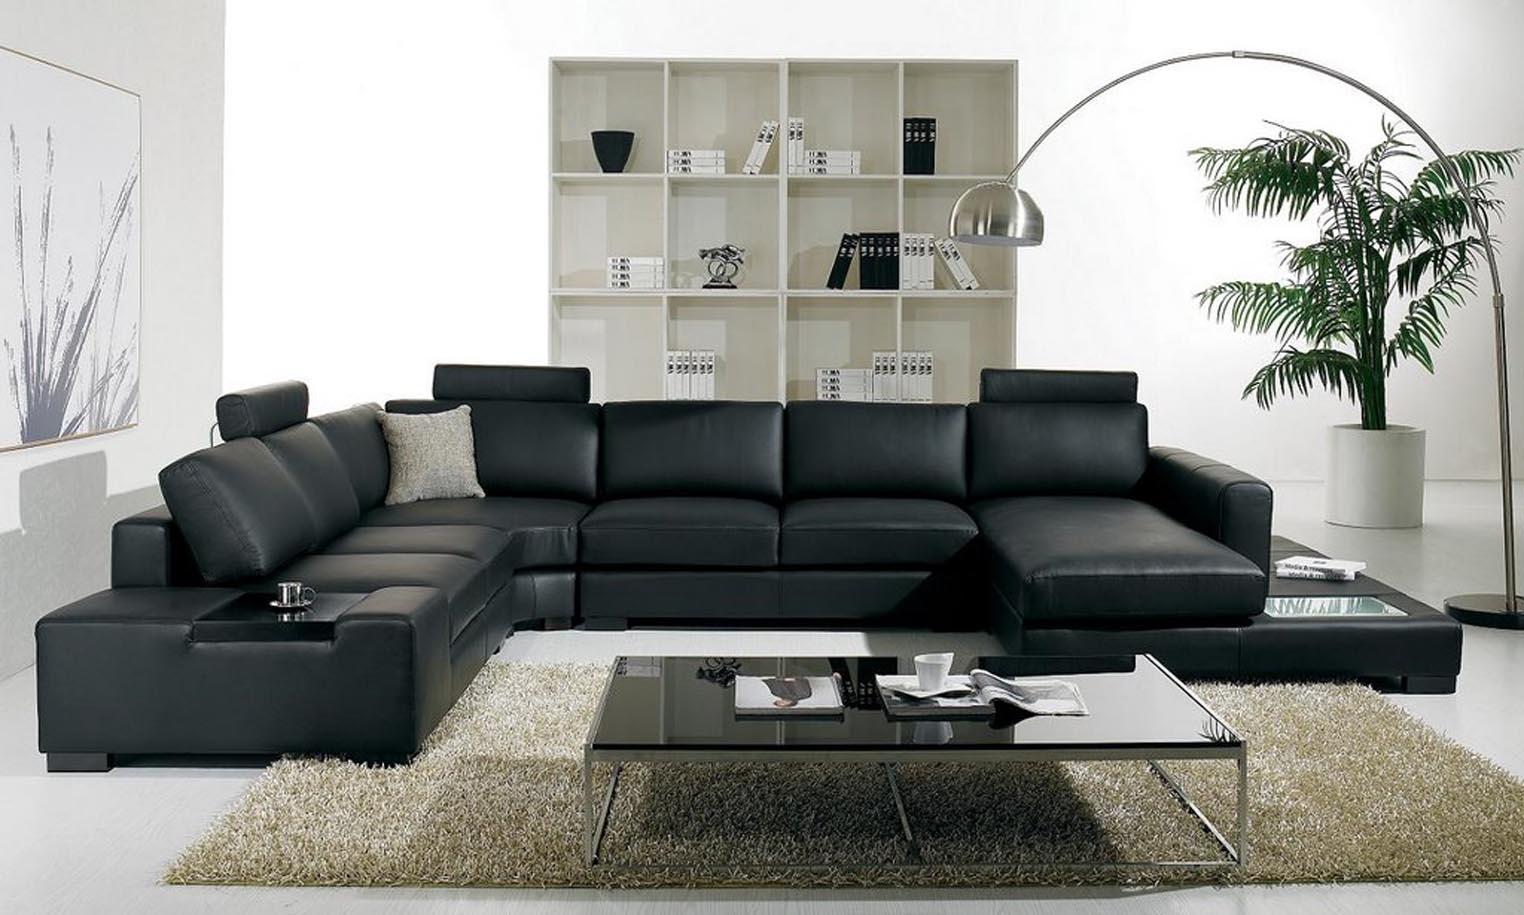 Мягкая мебель в стиле хай тек дизайн